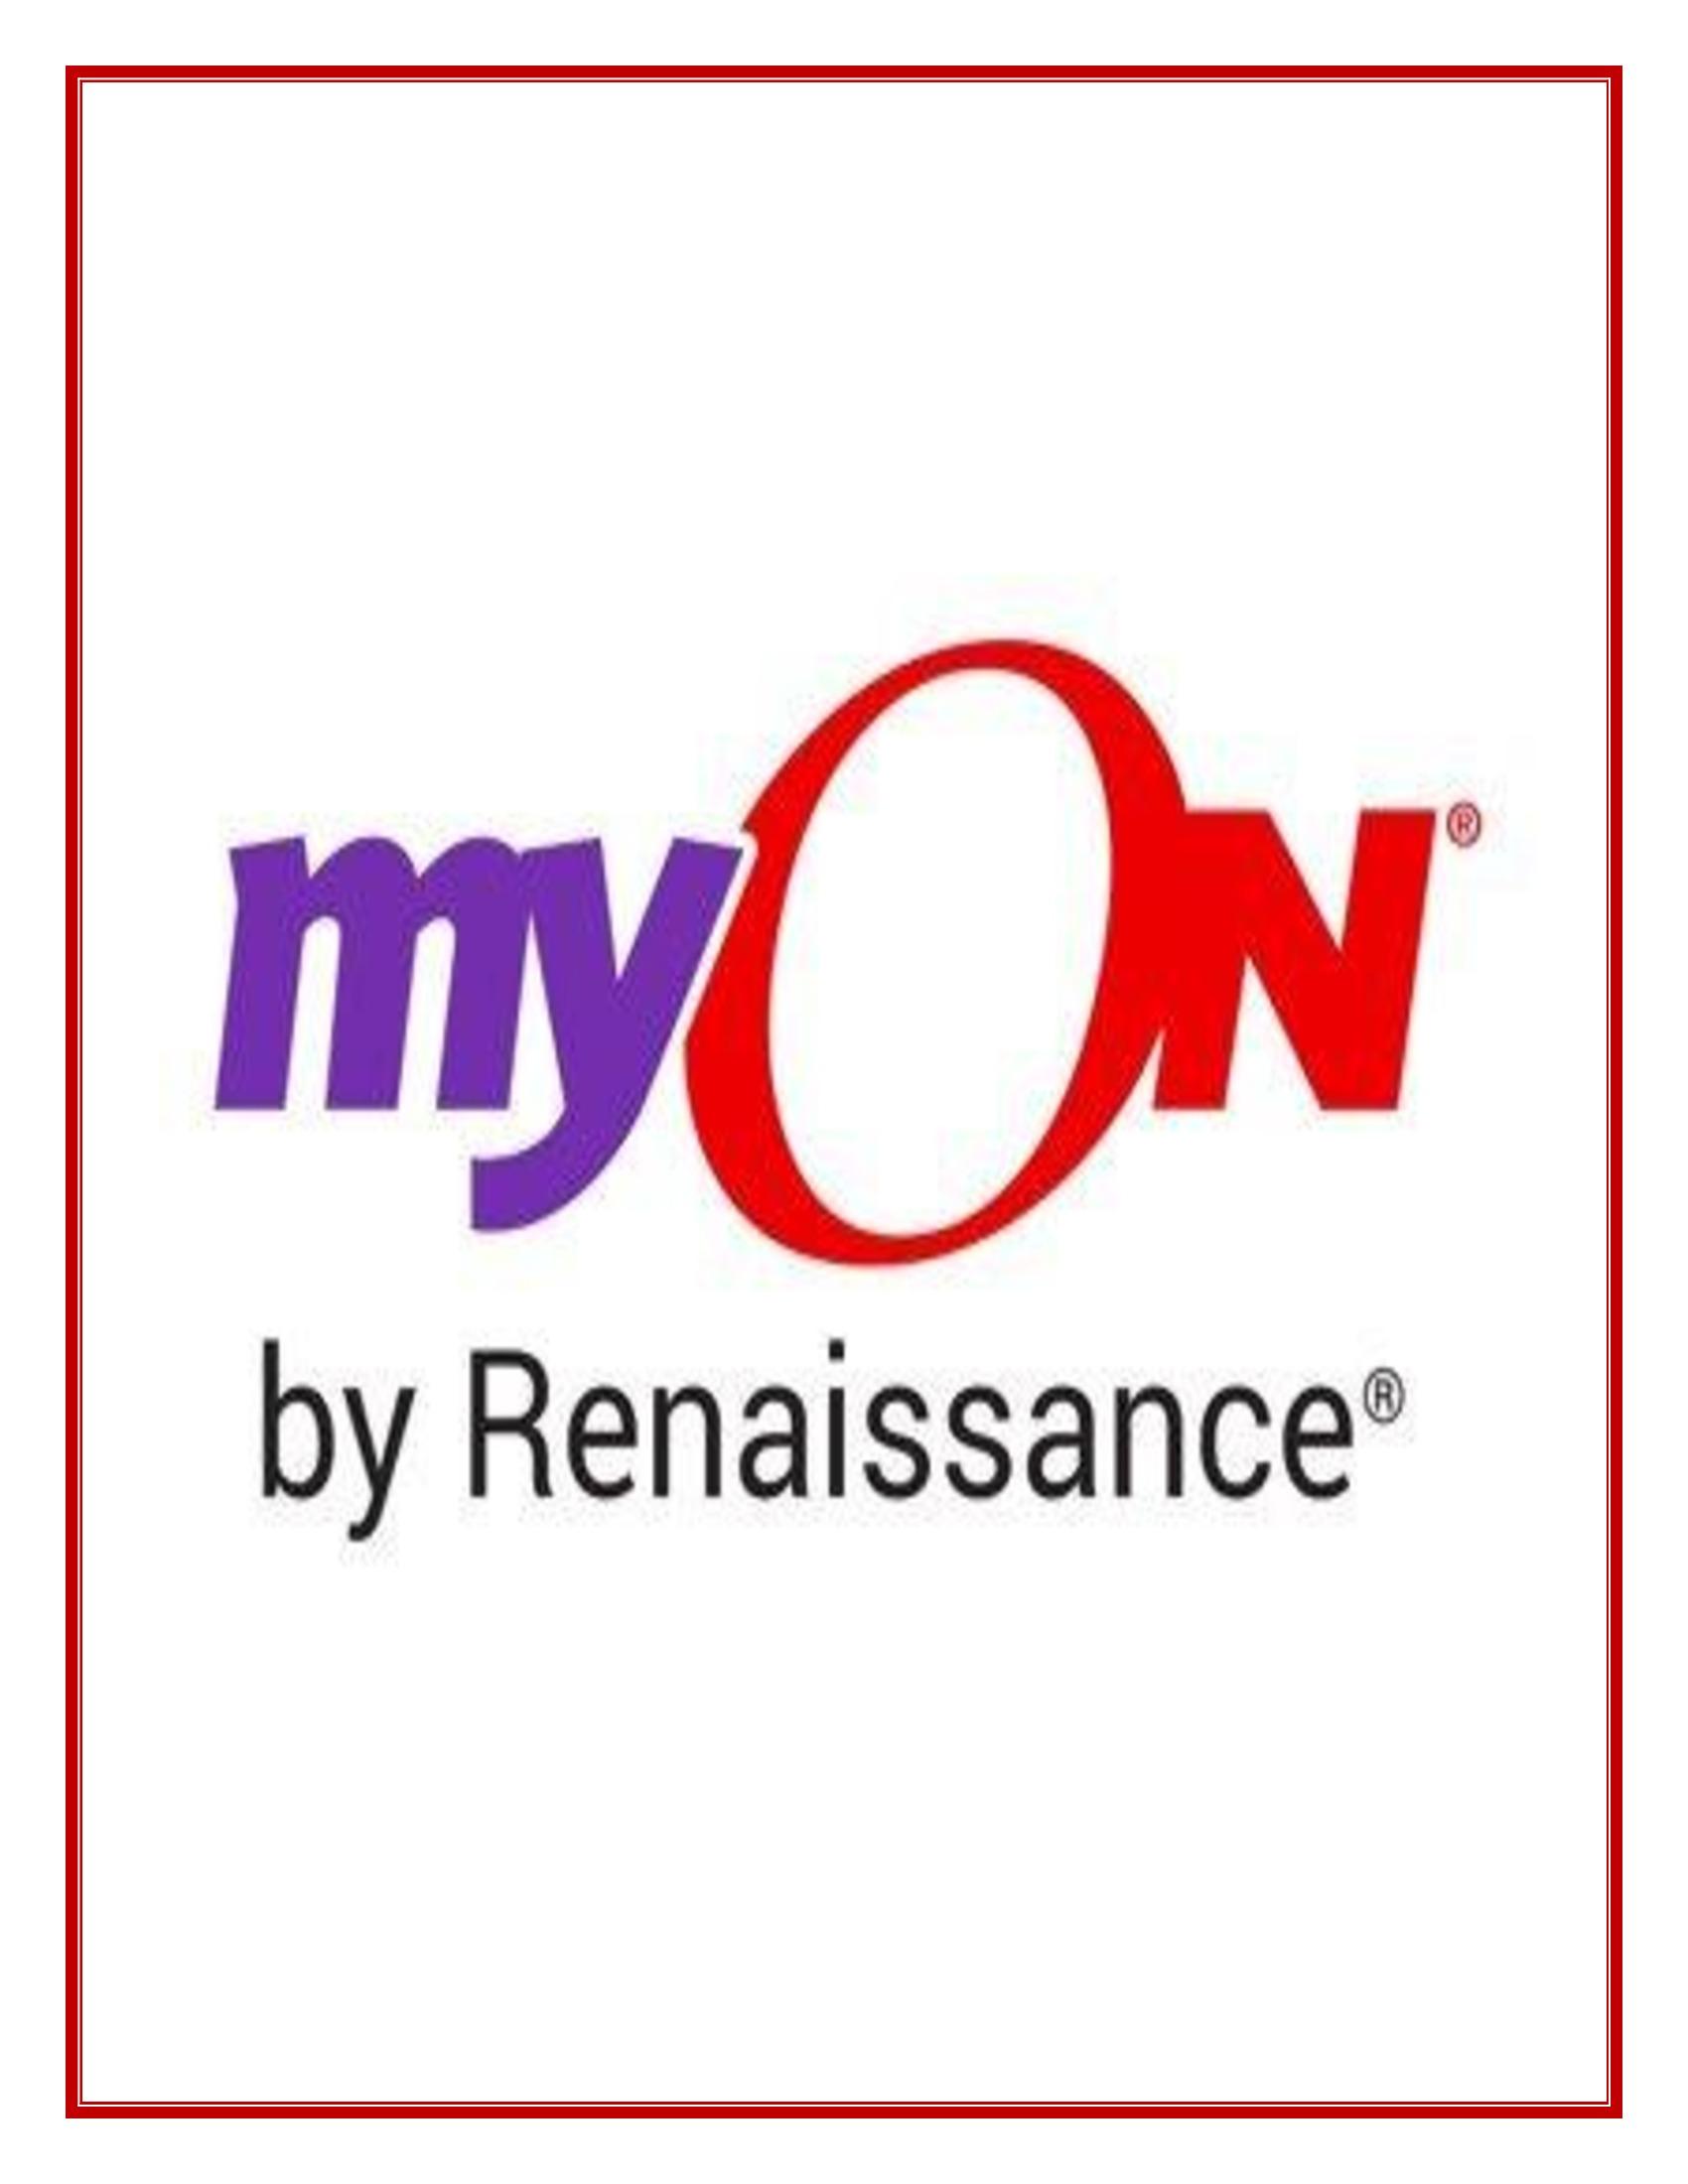 MYON BY RENAISSANCE